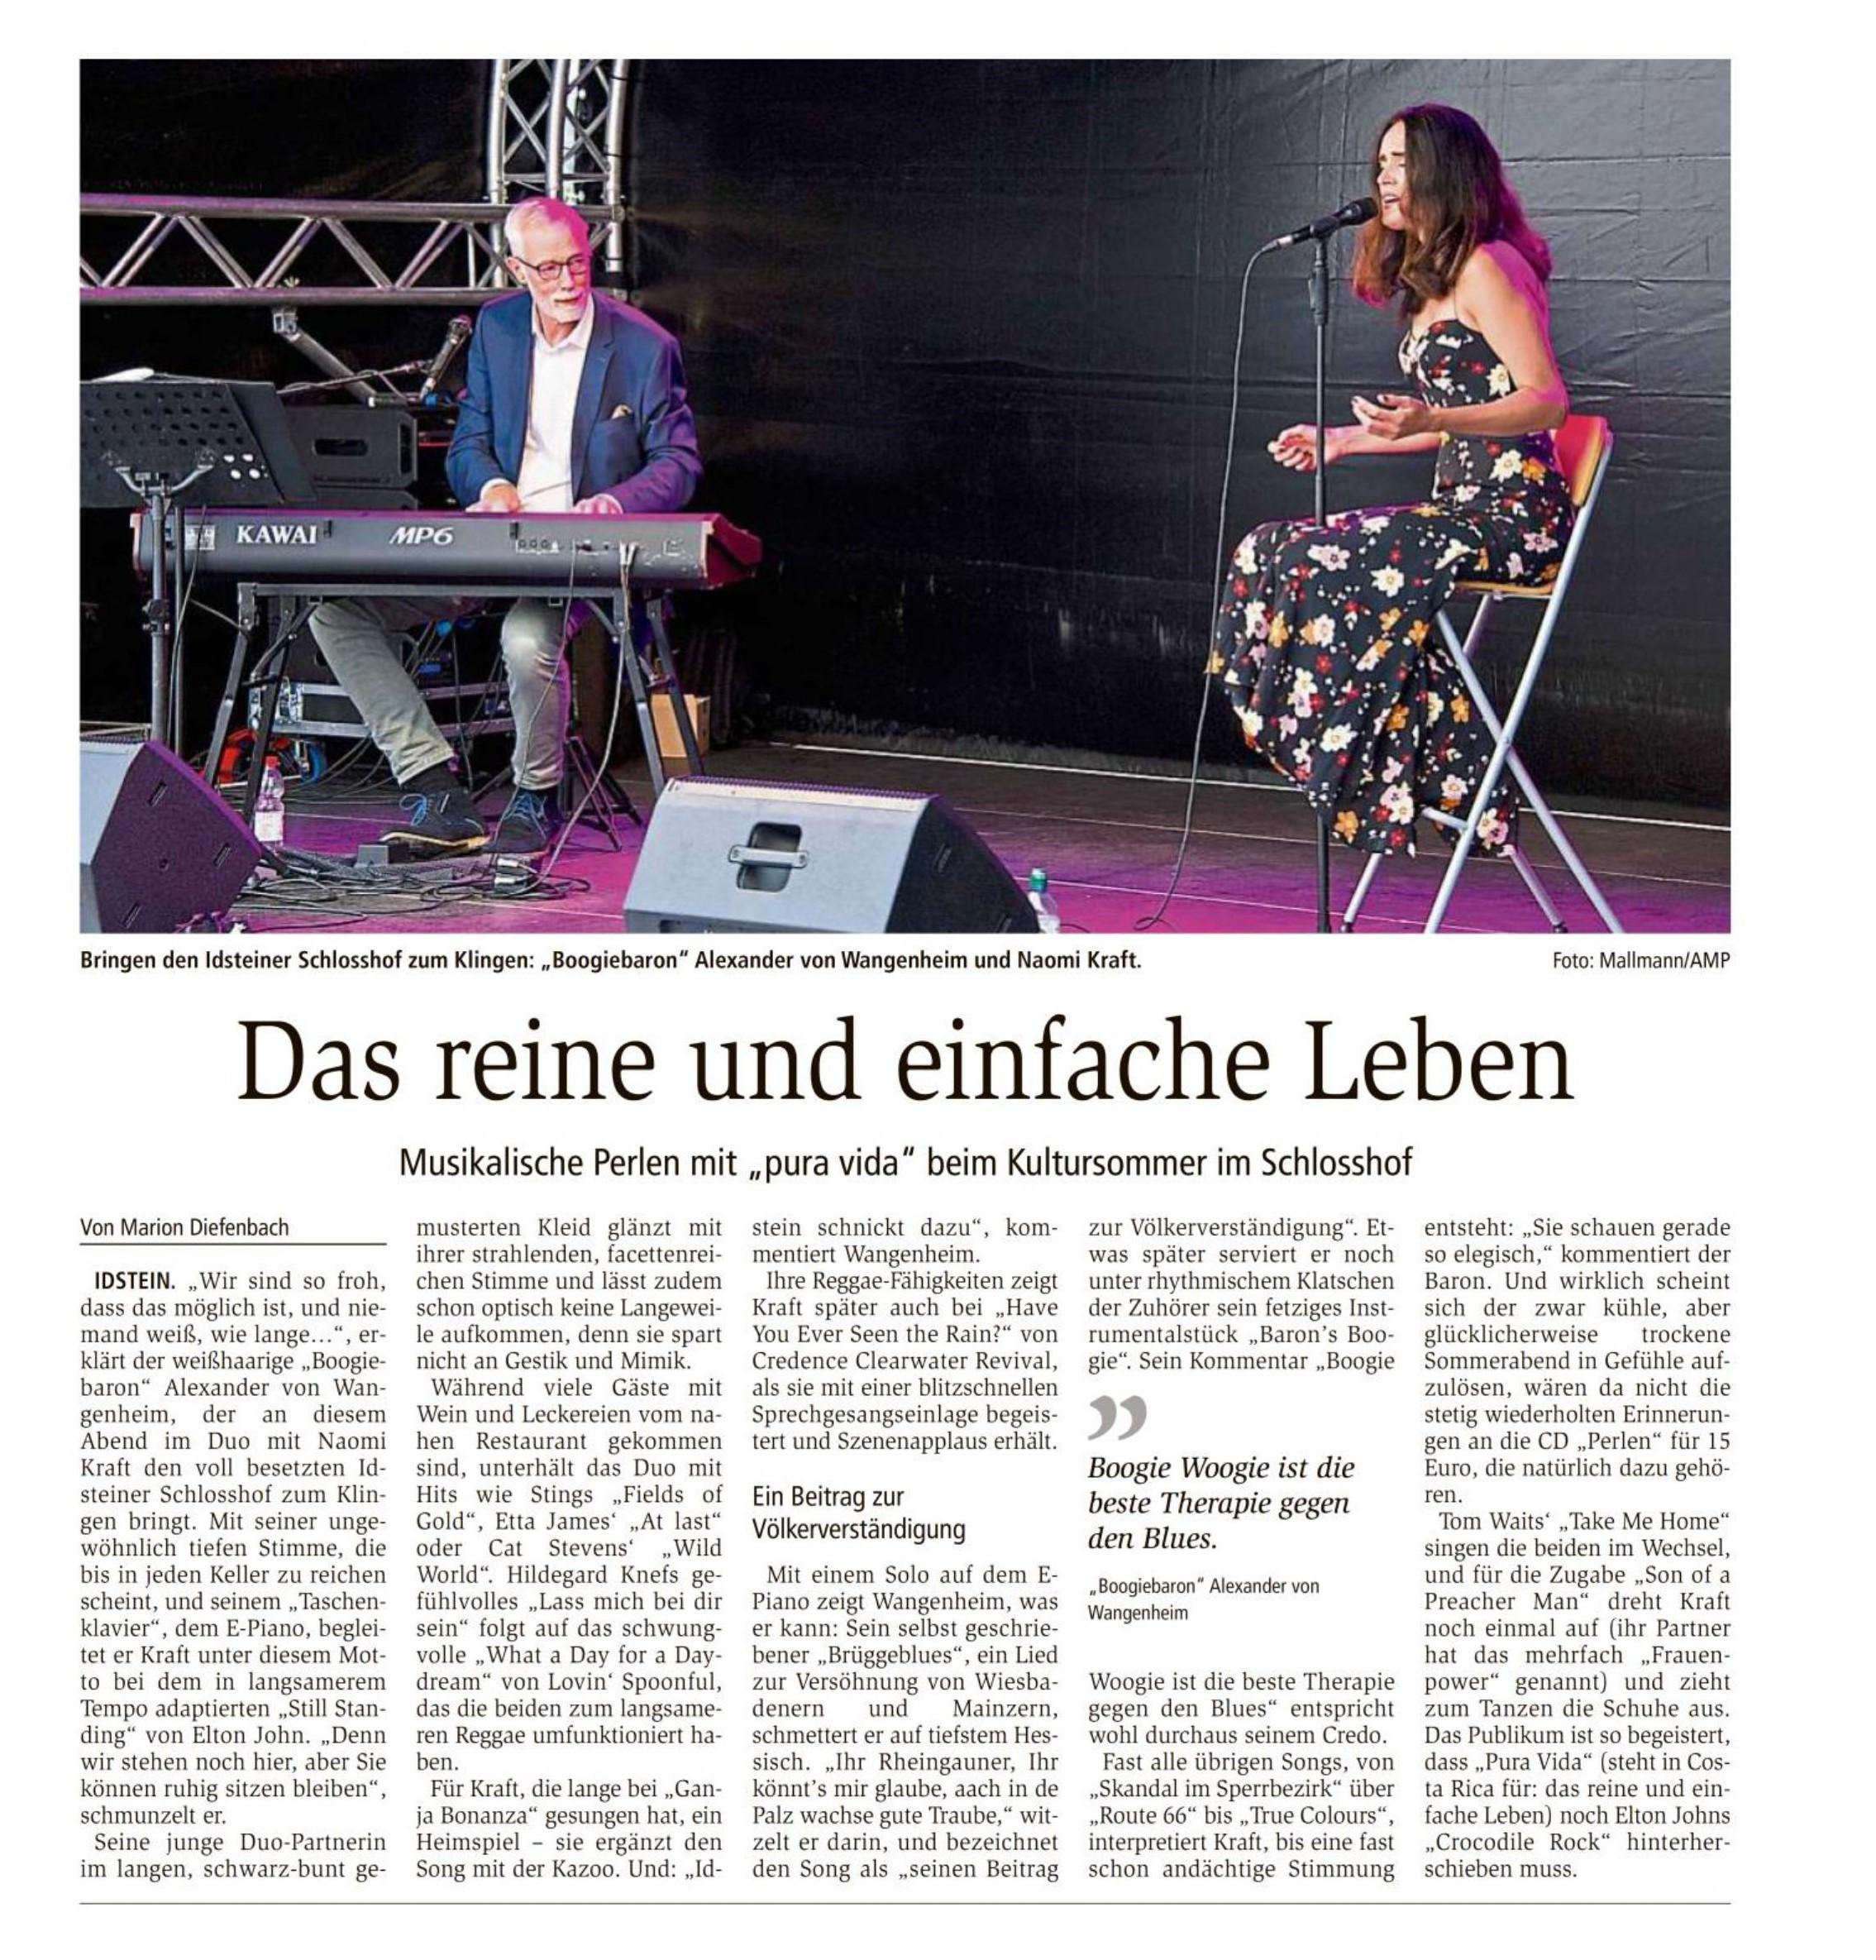 Aus dem Wiesbadener Kurier vom 2. August 2021